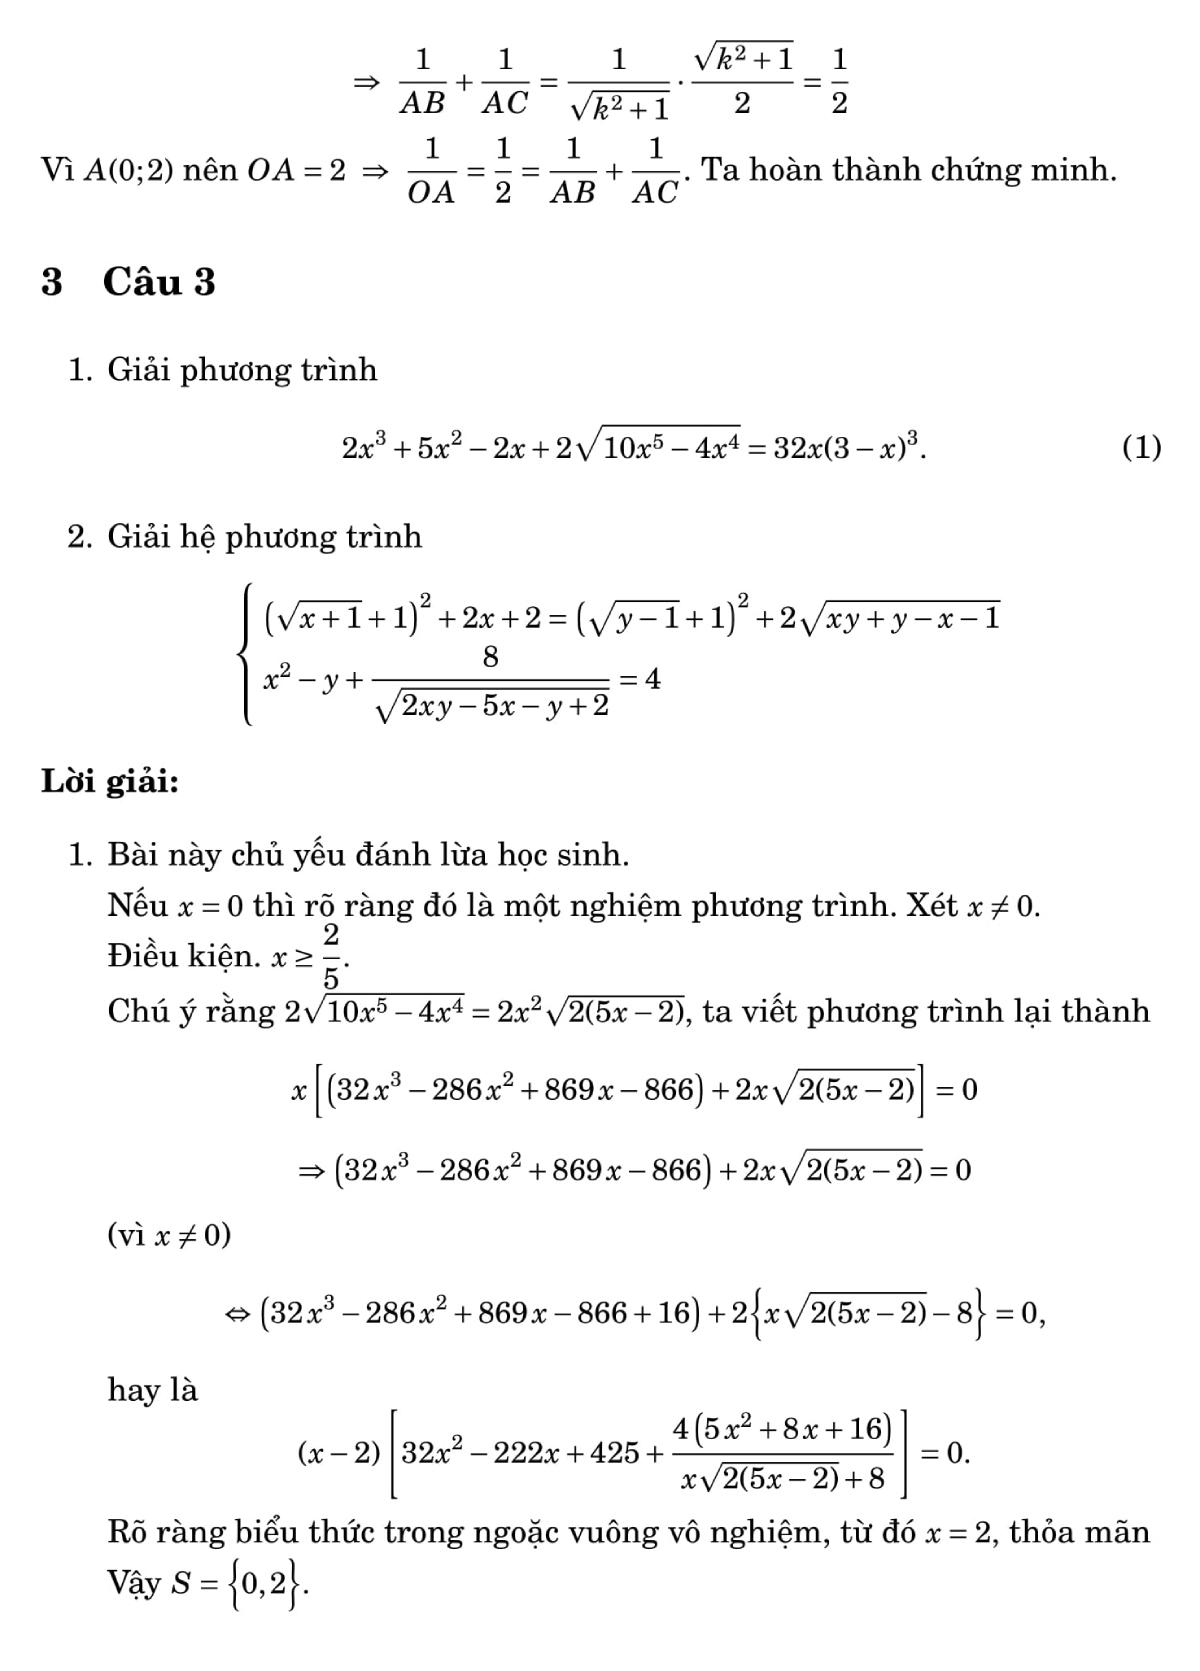 Giải đề Toán chuyên vào lớp 10 ở Đà Nẵng - 3